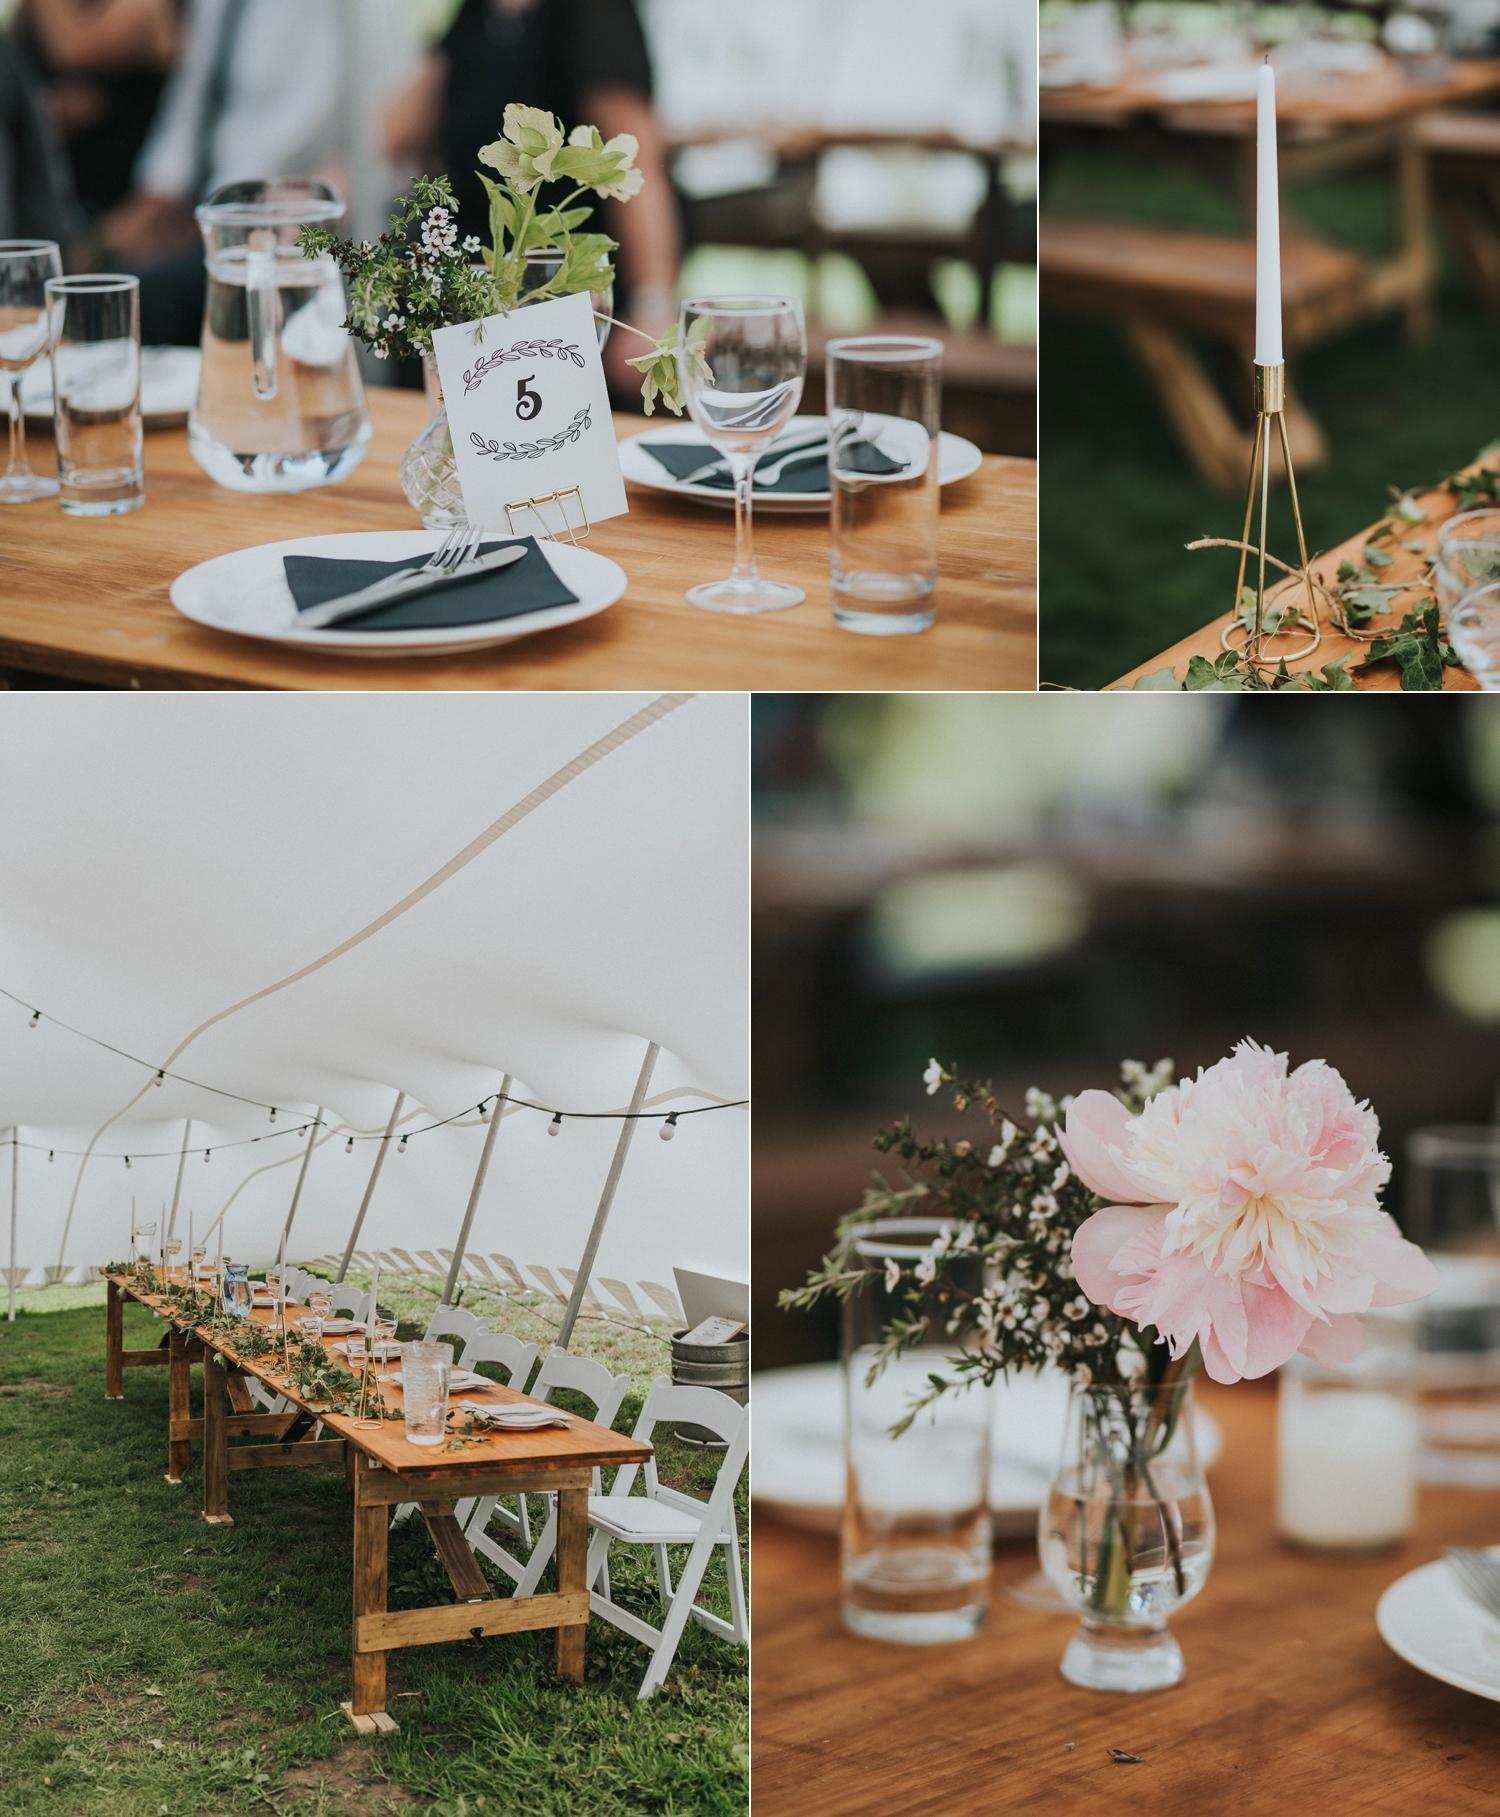 wedding styling, DIY wedding